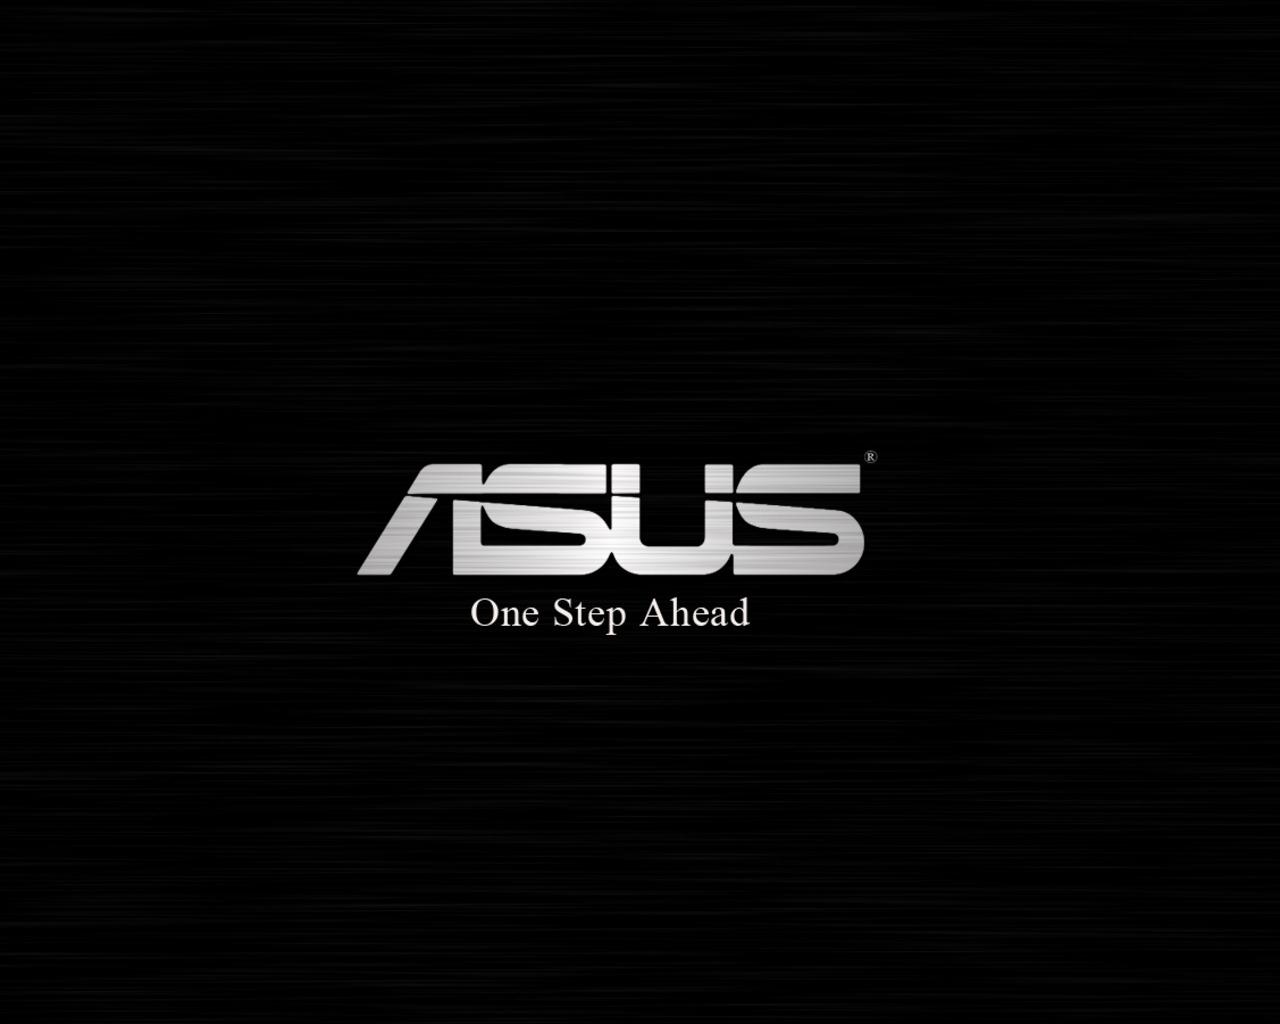 デスクトップ壁紙 黒 テキスト ロゴ コンピューター 会社 Asus